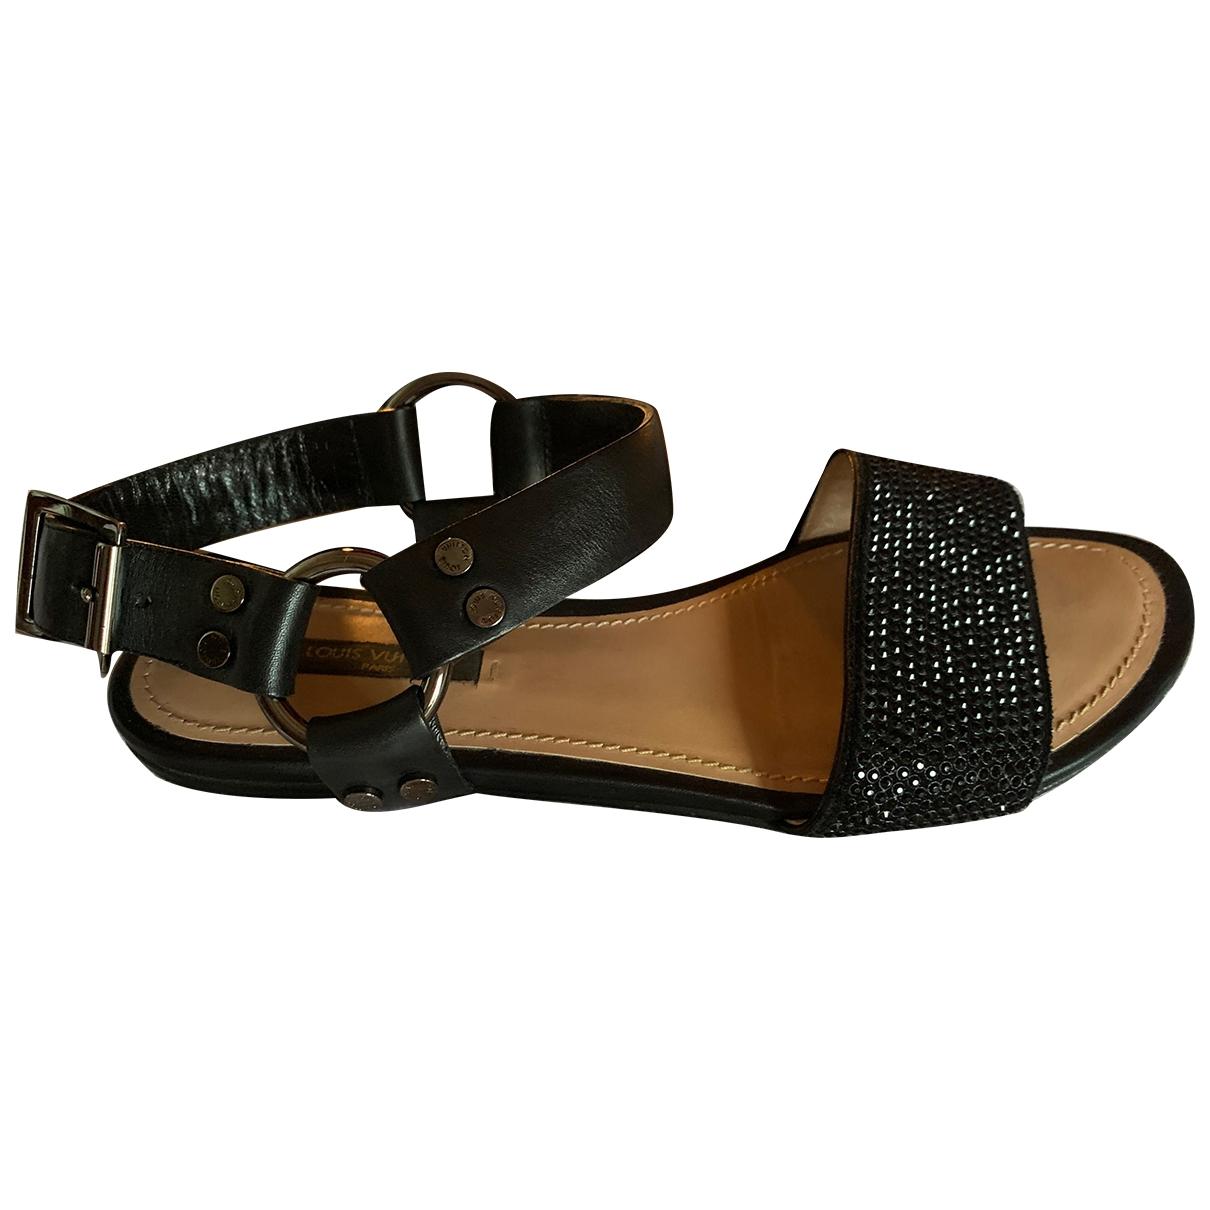 Louis Vuitton \N Black Leather Sandals for Women 37.5 EU